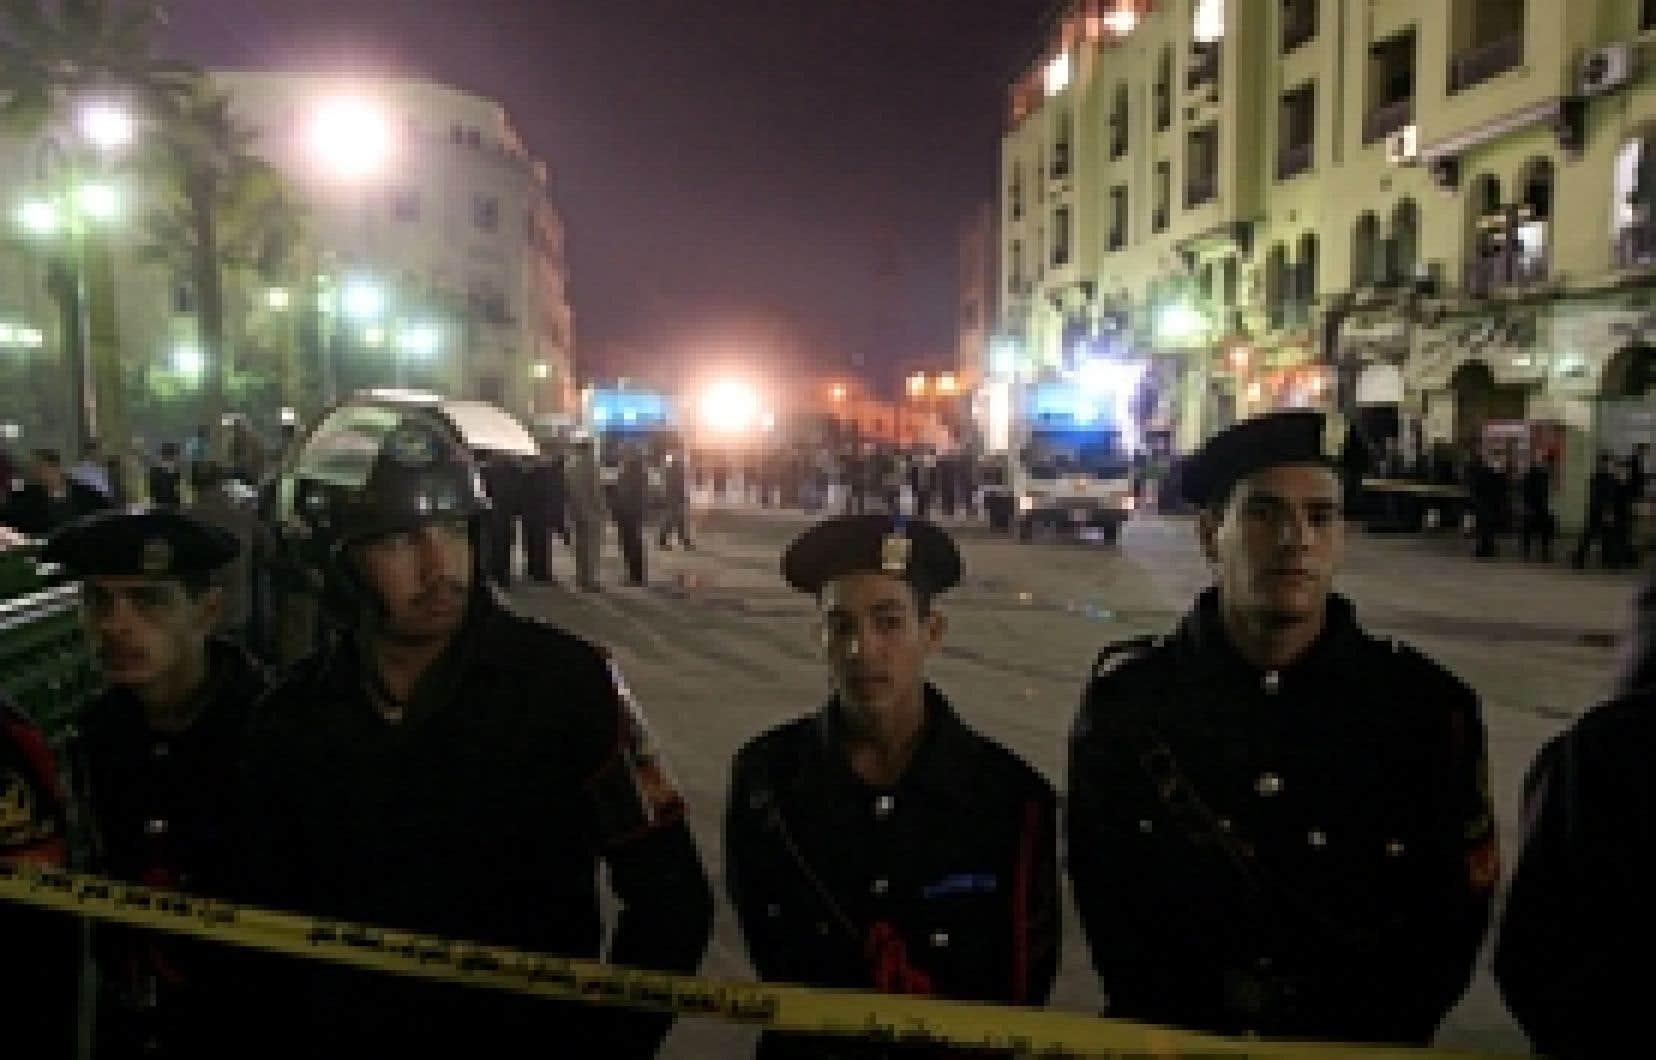 Des policiers égyptiens montaient la garde devant le lieu de l'attentat, hier soir.